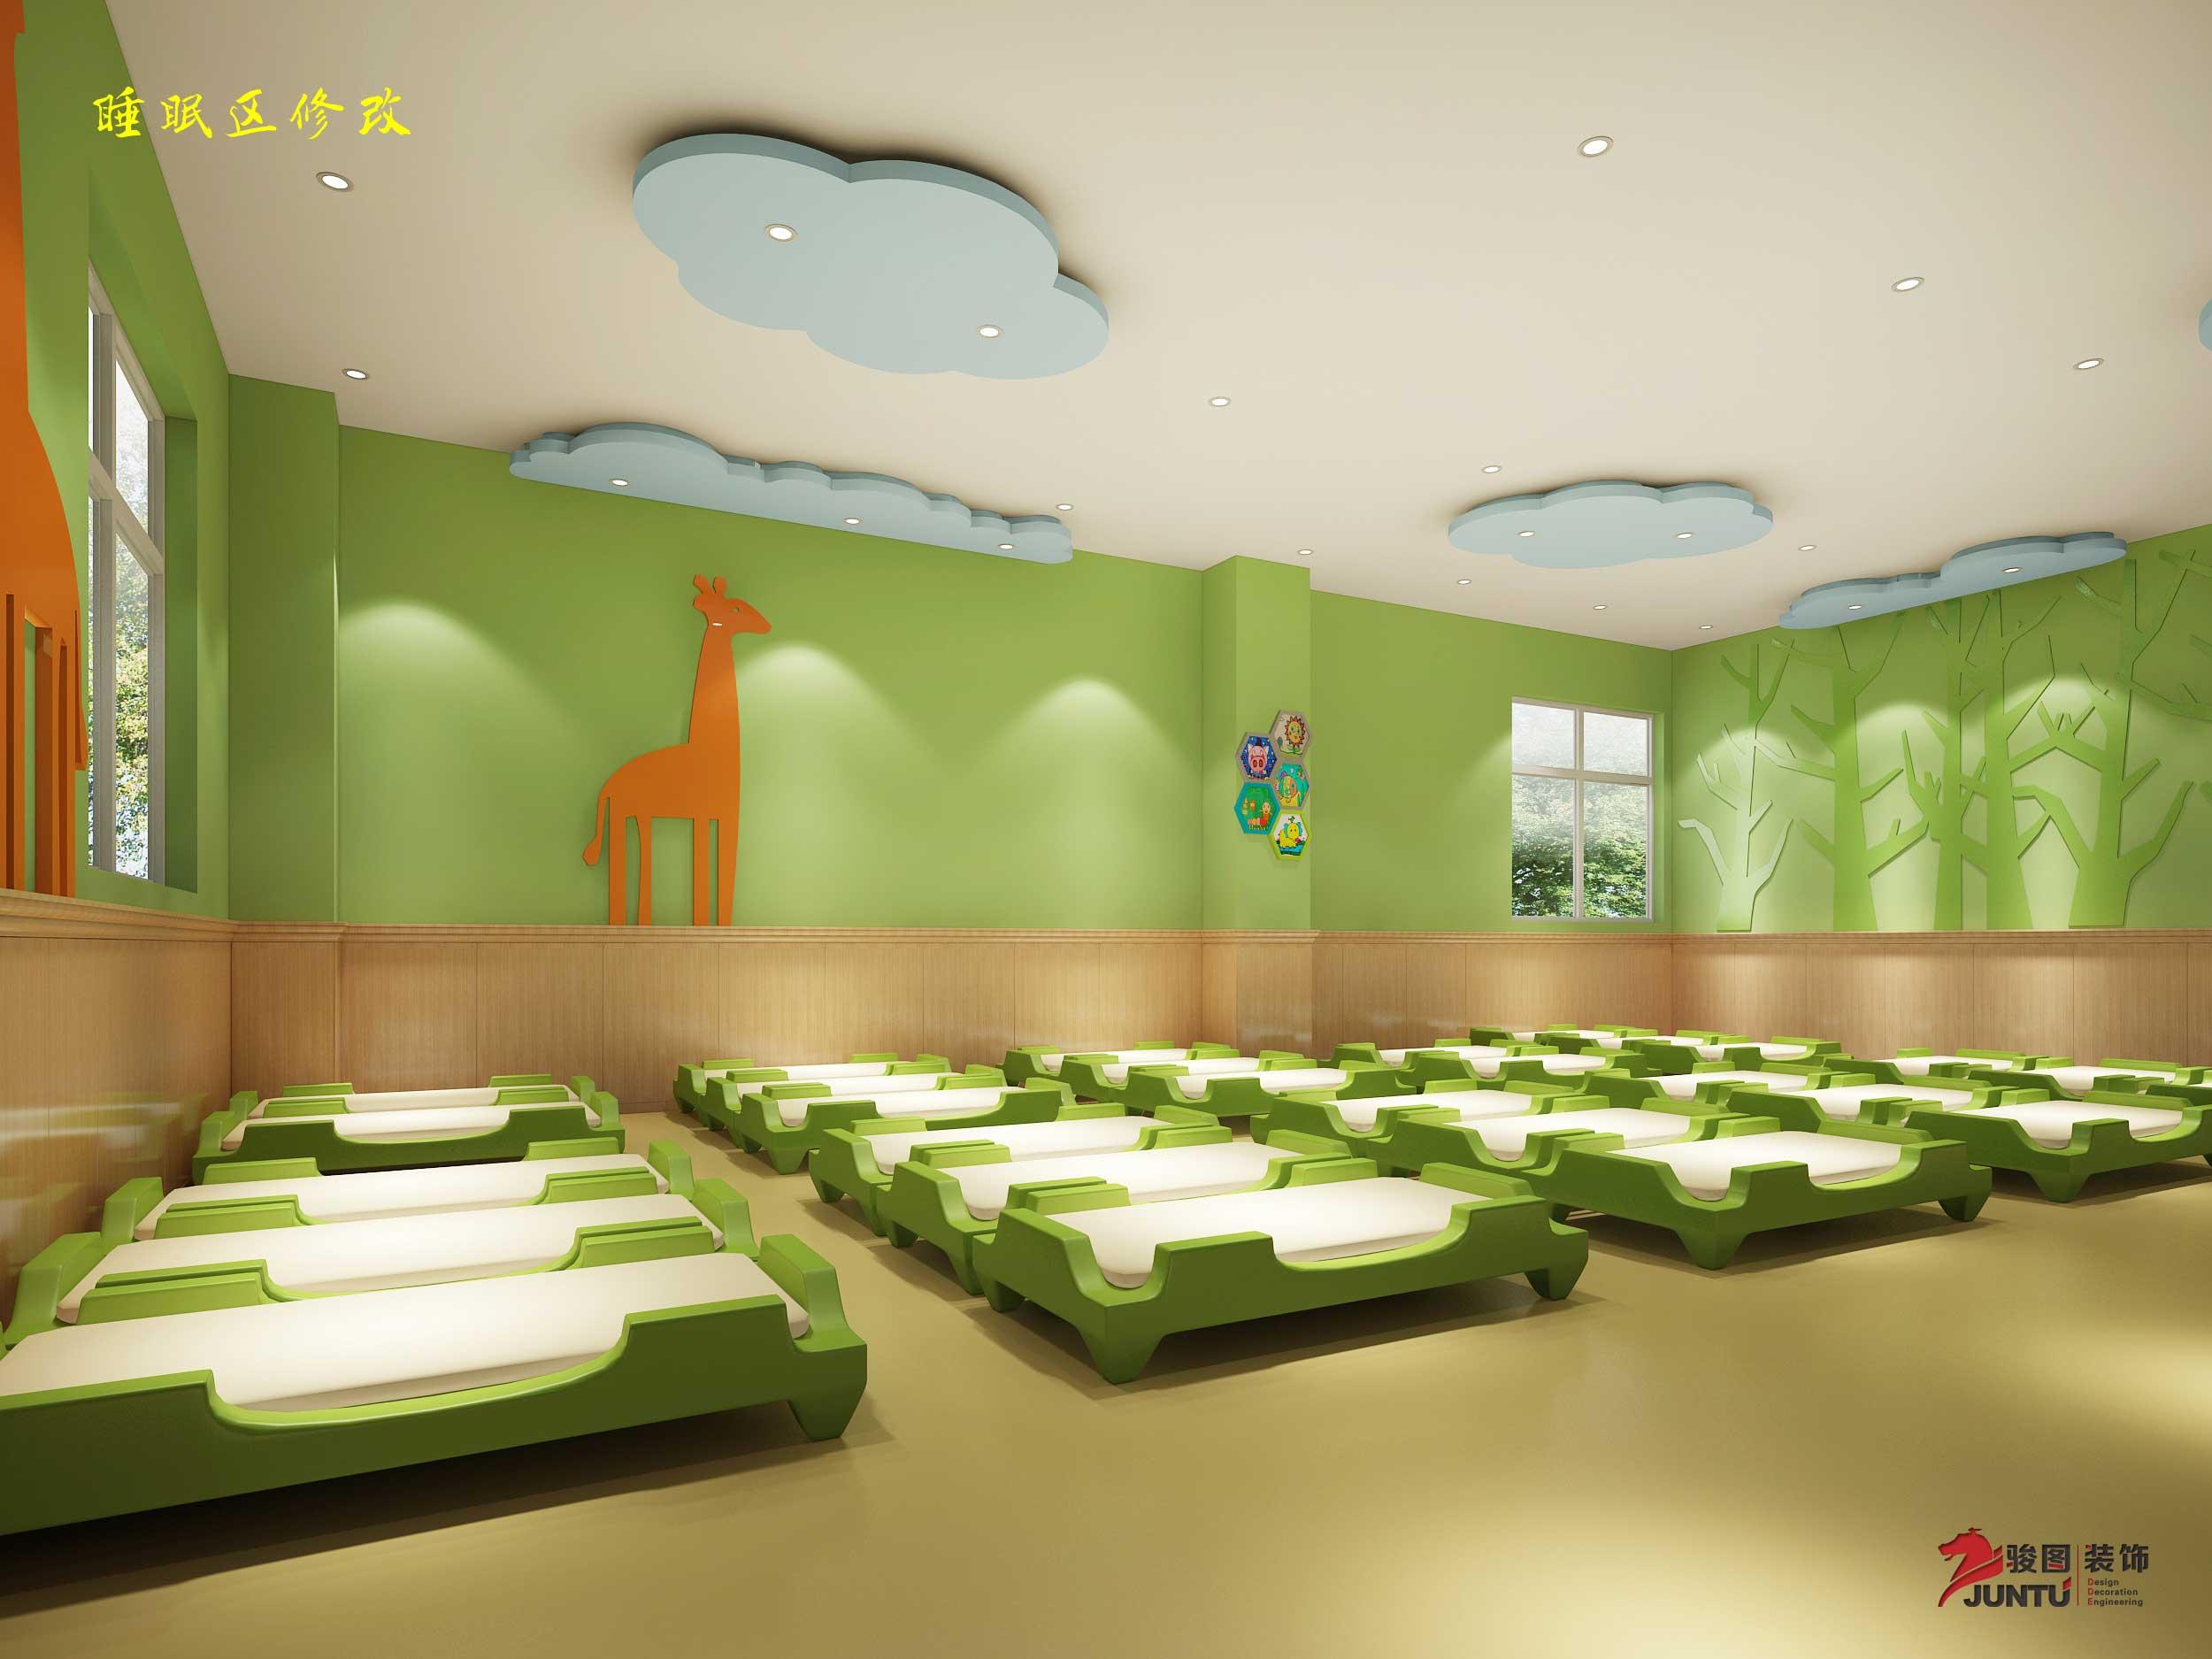 陕西幼儿园装修设计